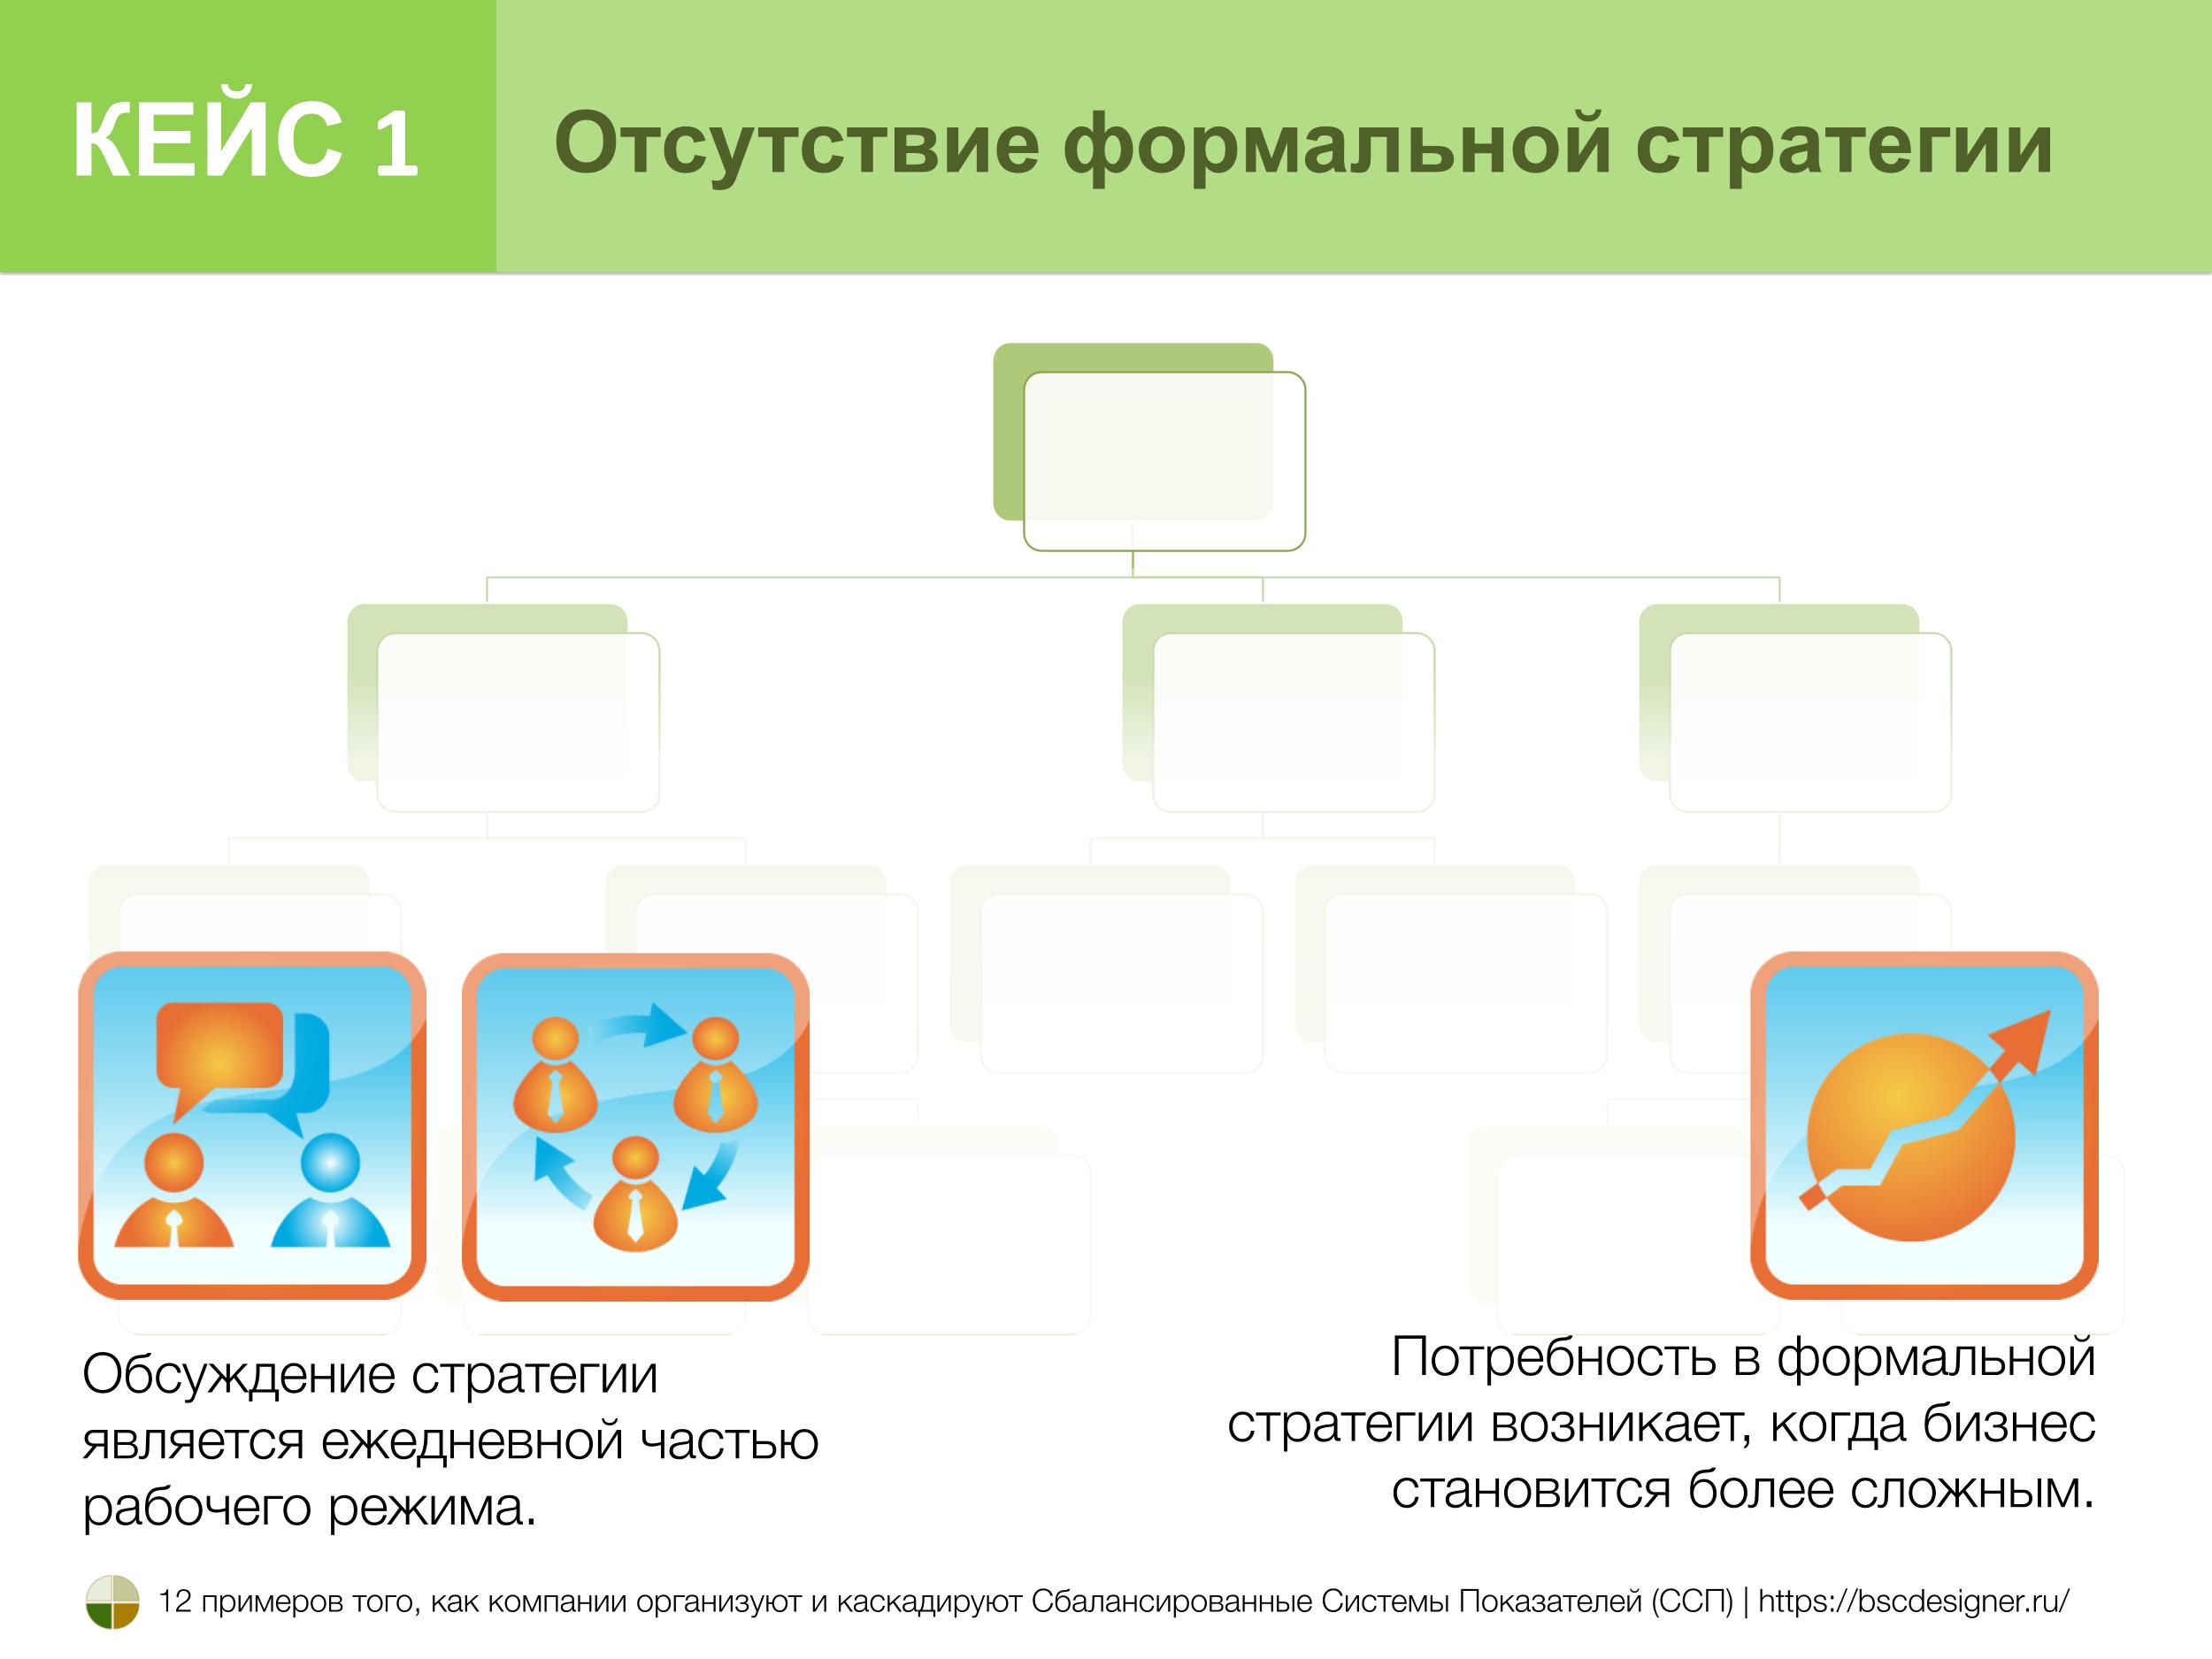 Кейс 1. Отсутствие формальной стратегической системы показателей